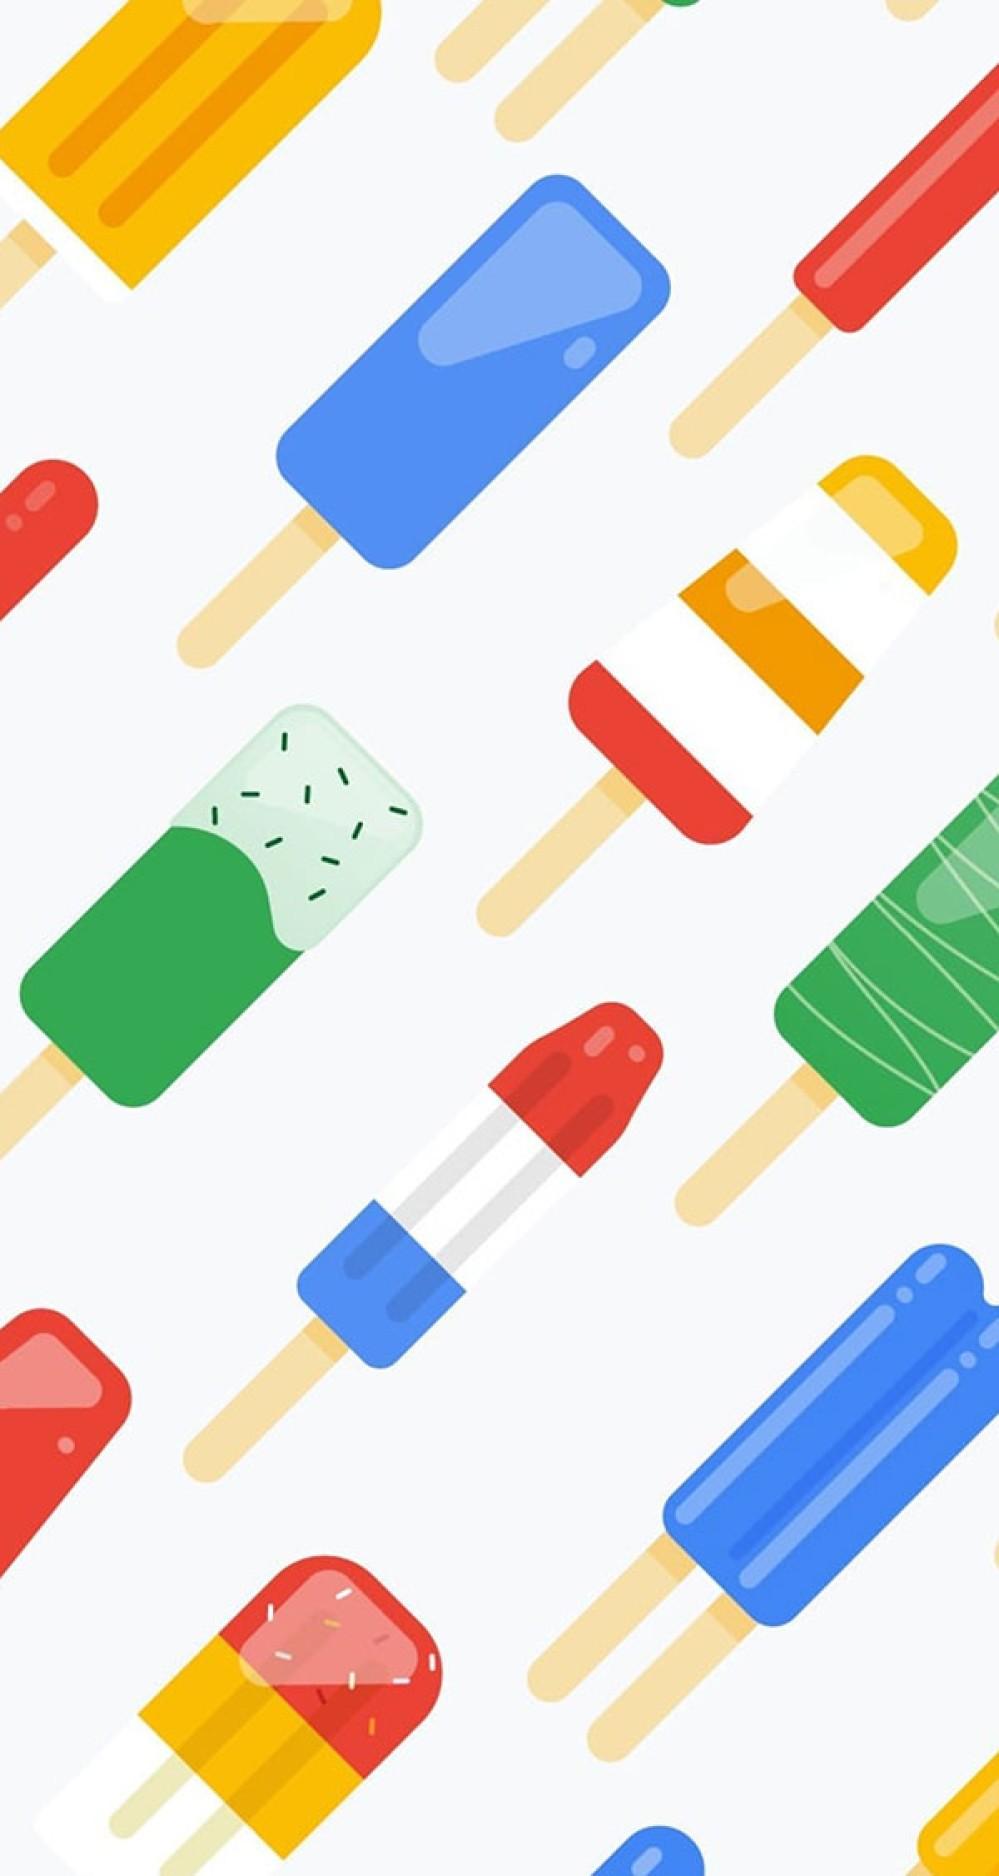 Τα νέα wallpapers της Google ίσως αποκαλύπτουν την ονομασία του Android P